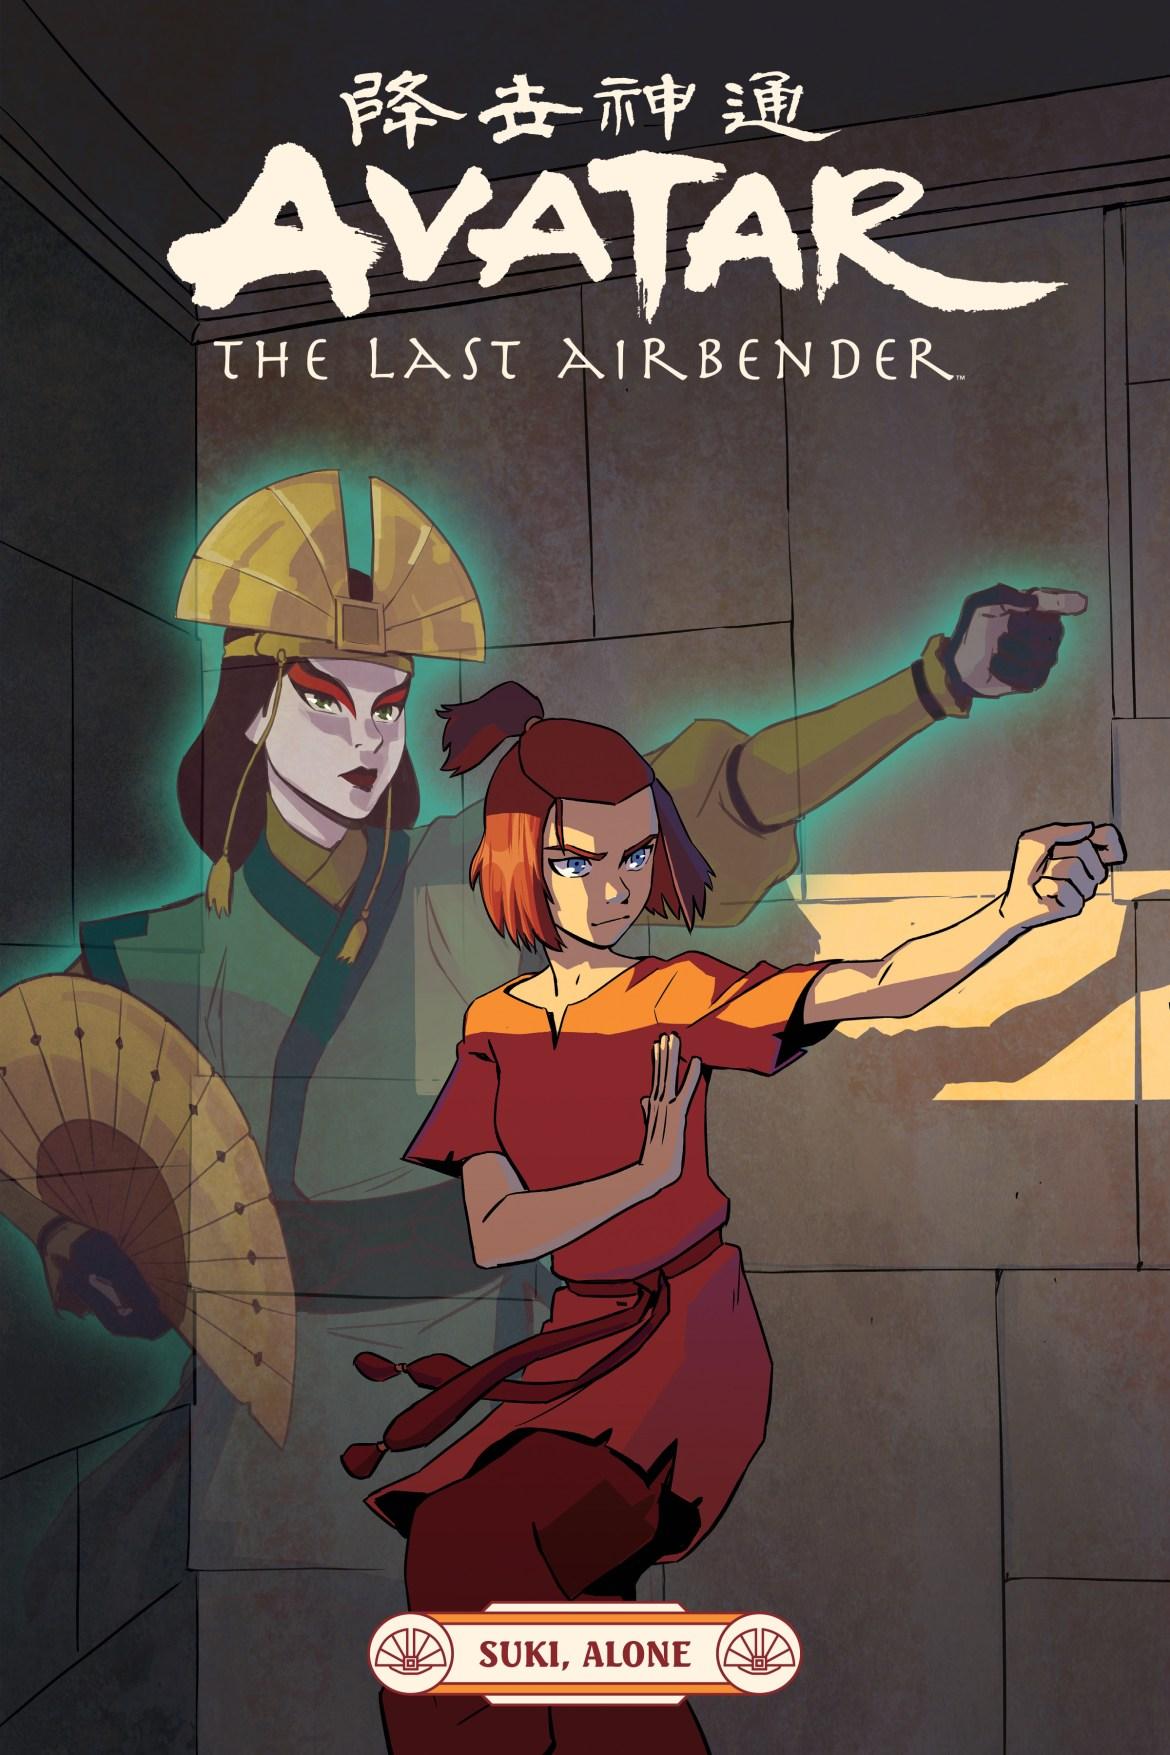 sukicov Avatar: The Last Airbender universe returns in SUKI ALONE